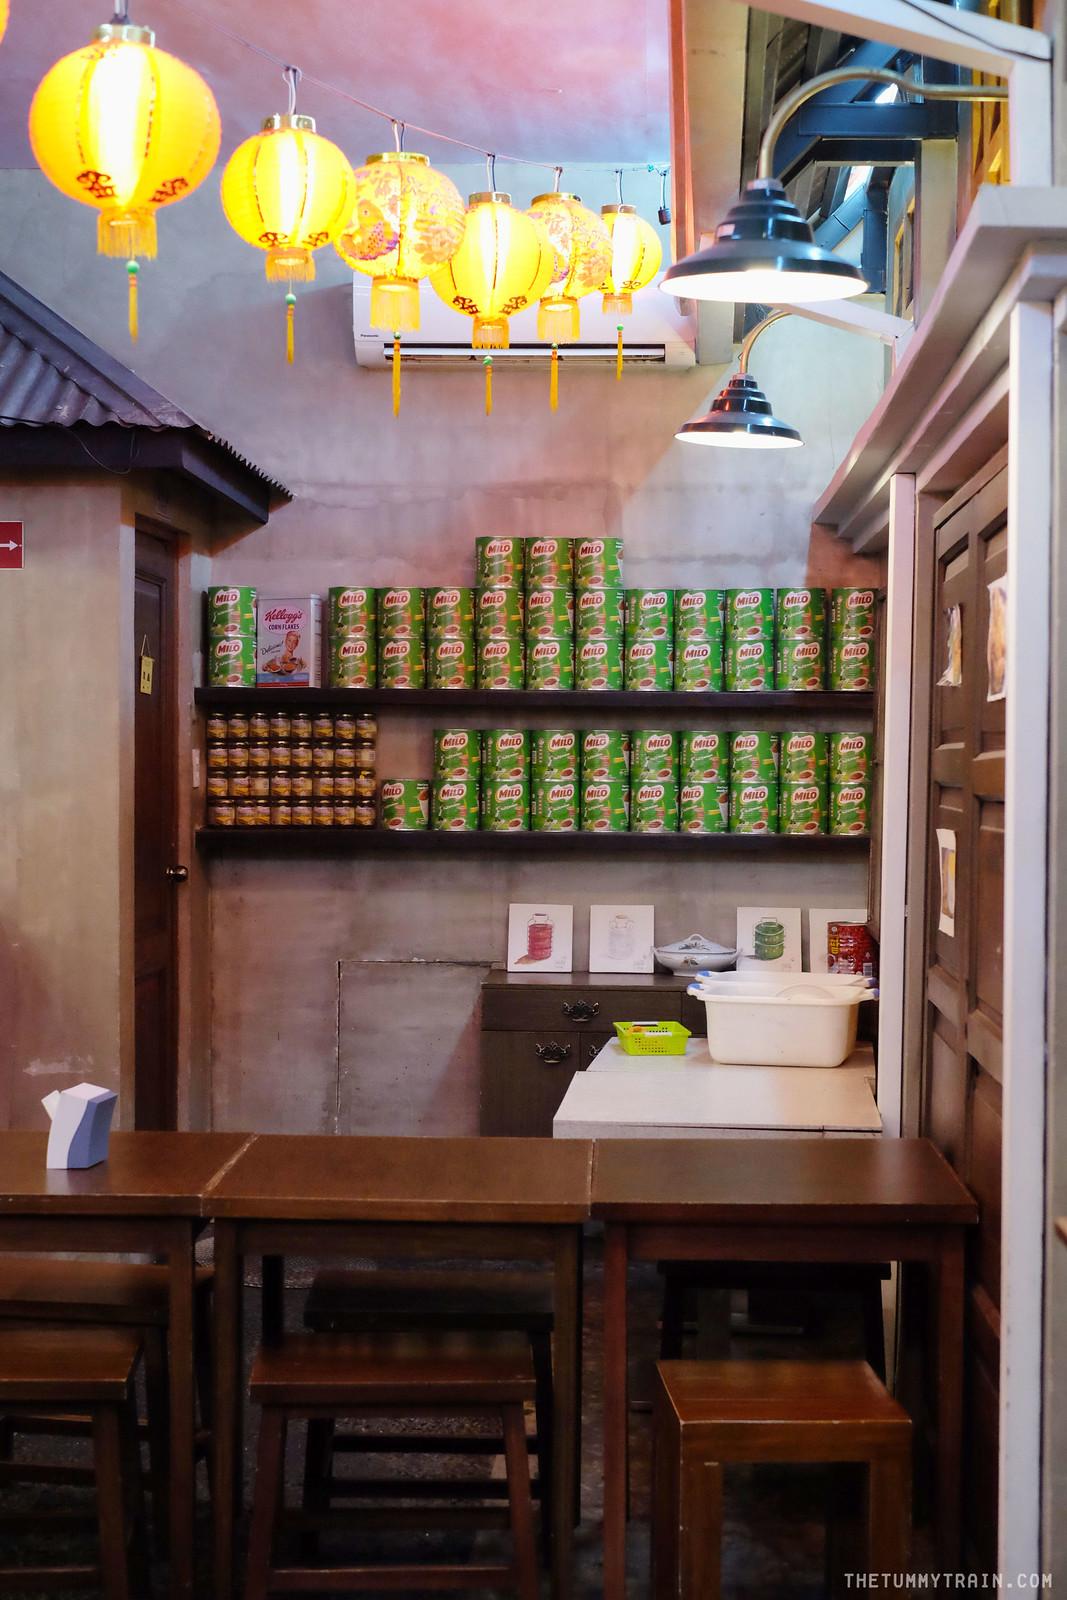 33493678123 5977b48d72 h - A full serving of Singaporean fare at Shiok Shiok QC